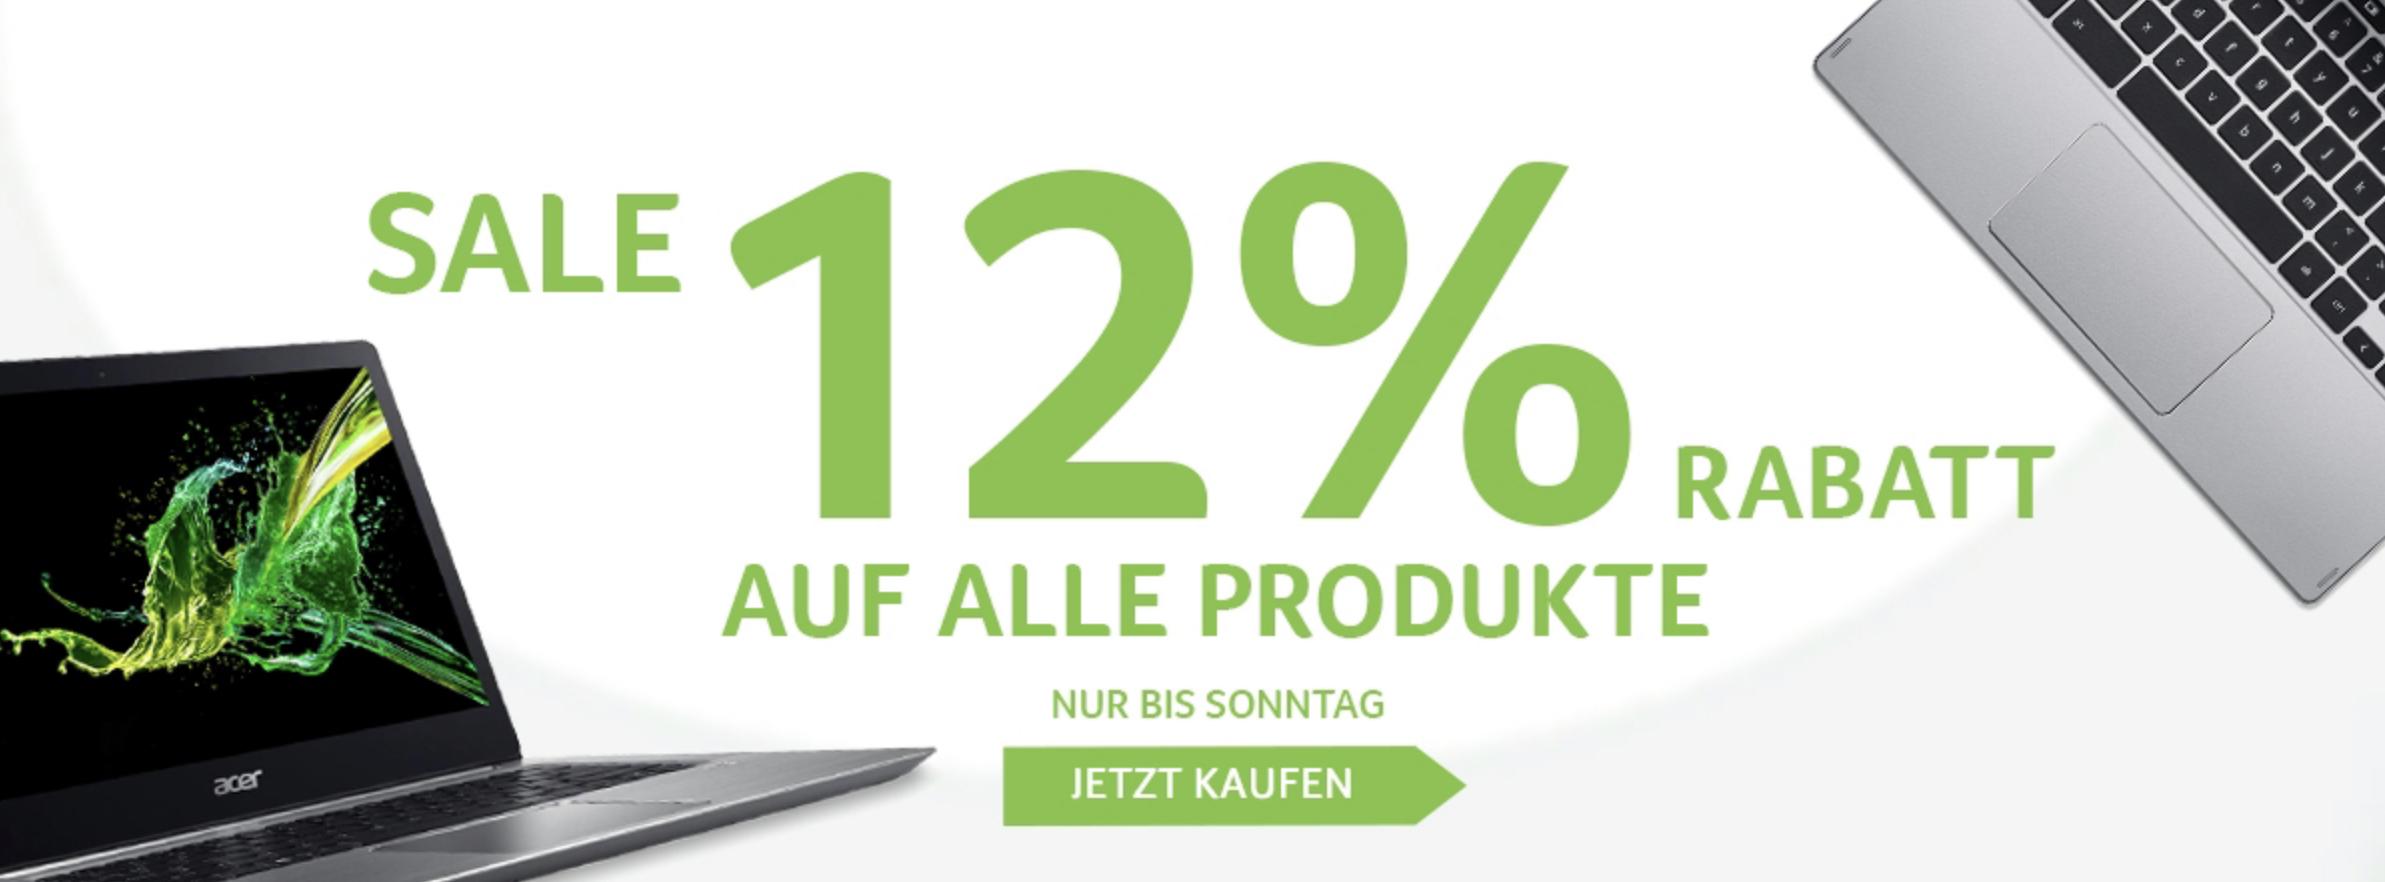 12% Rabatt auf ALLE Produkte im Acer Store + 5% Shoop Cashback + 50€ Shoop Gutschein ab 399€ - nur bis Sonntag!